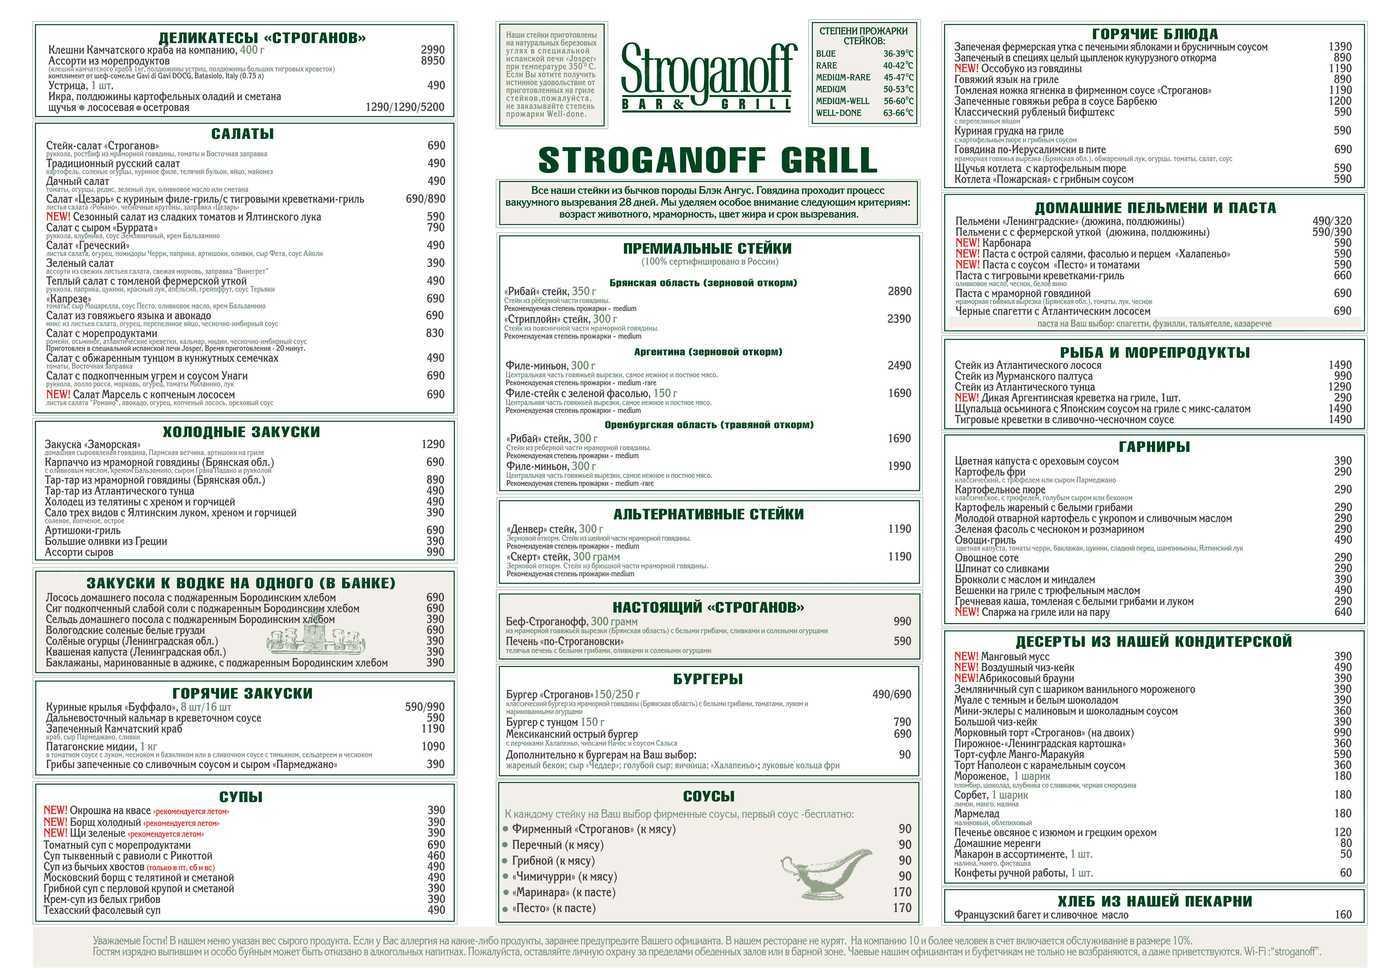 Меню ресторана Строганов Бар и Гриль в поселке Репино, на Приморском шоссе фото 3